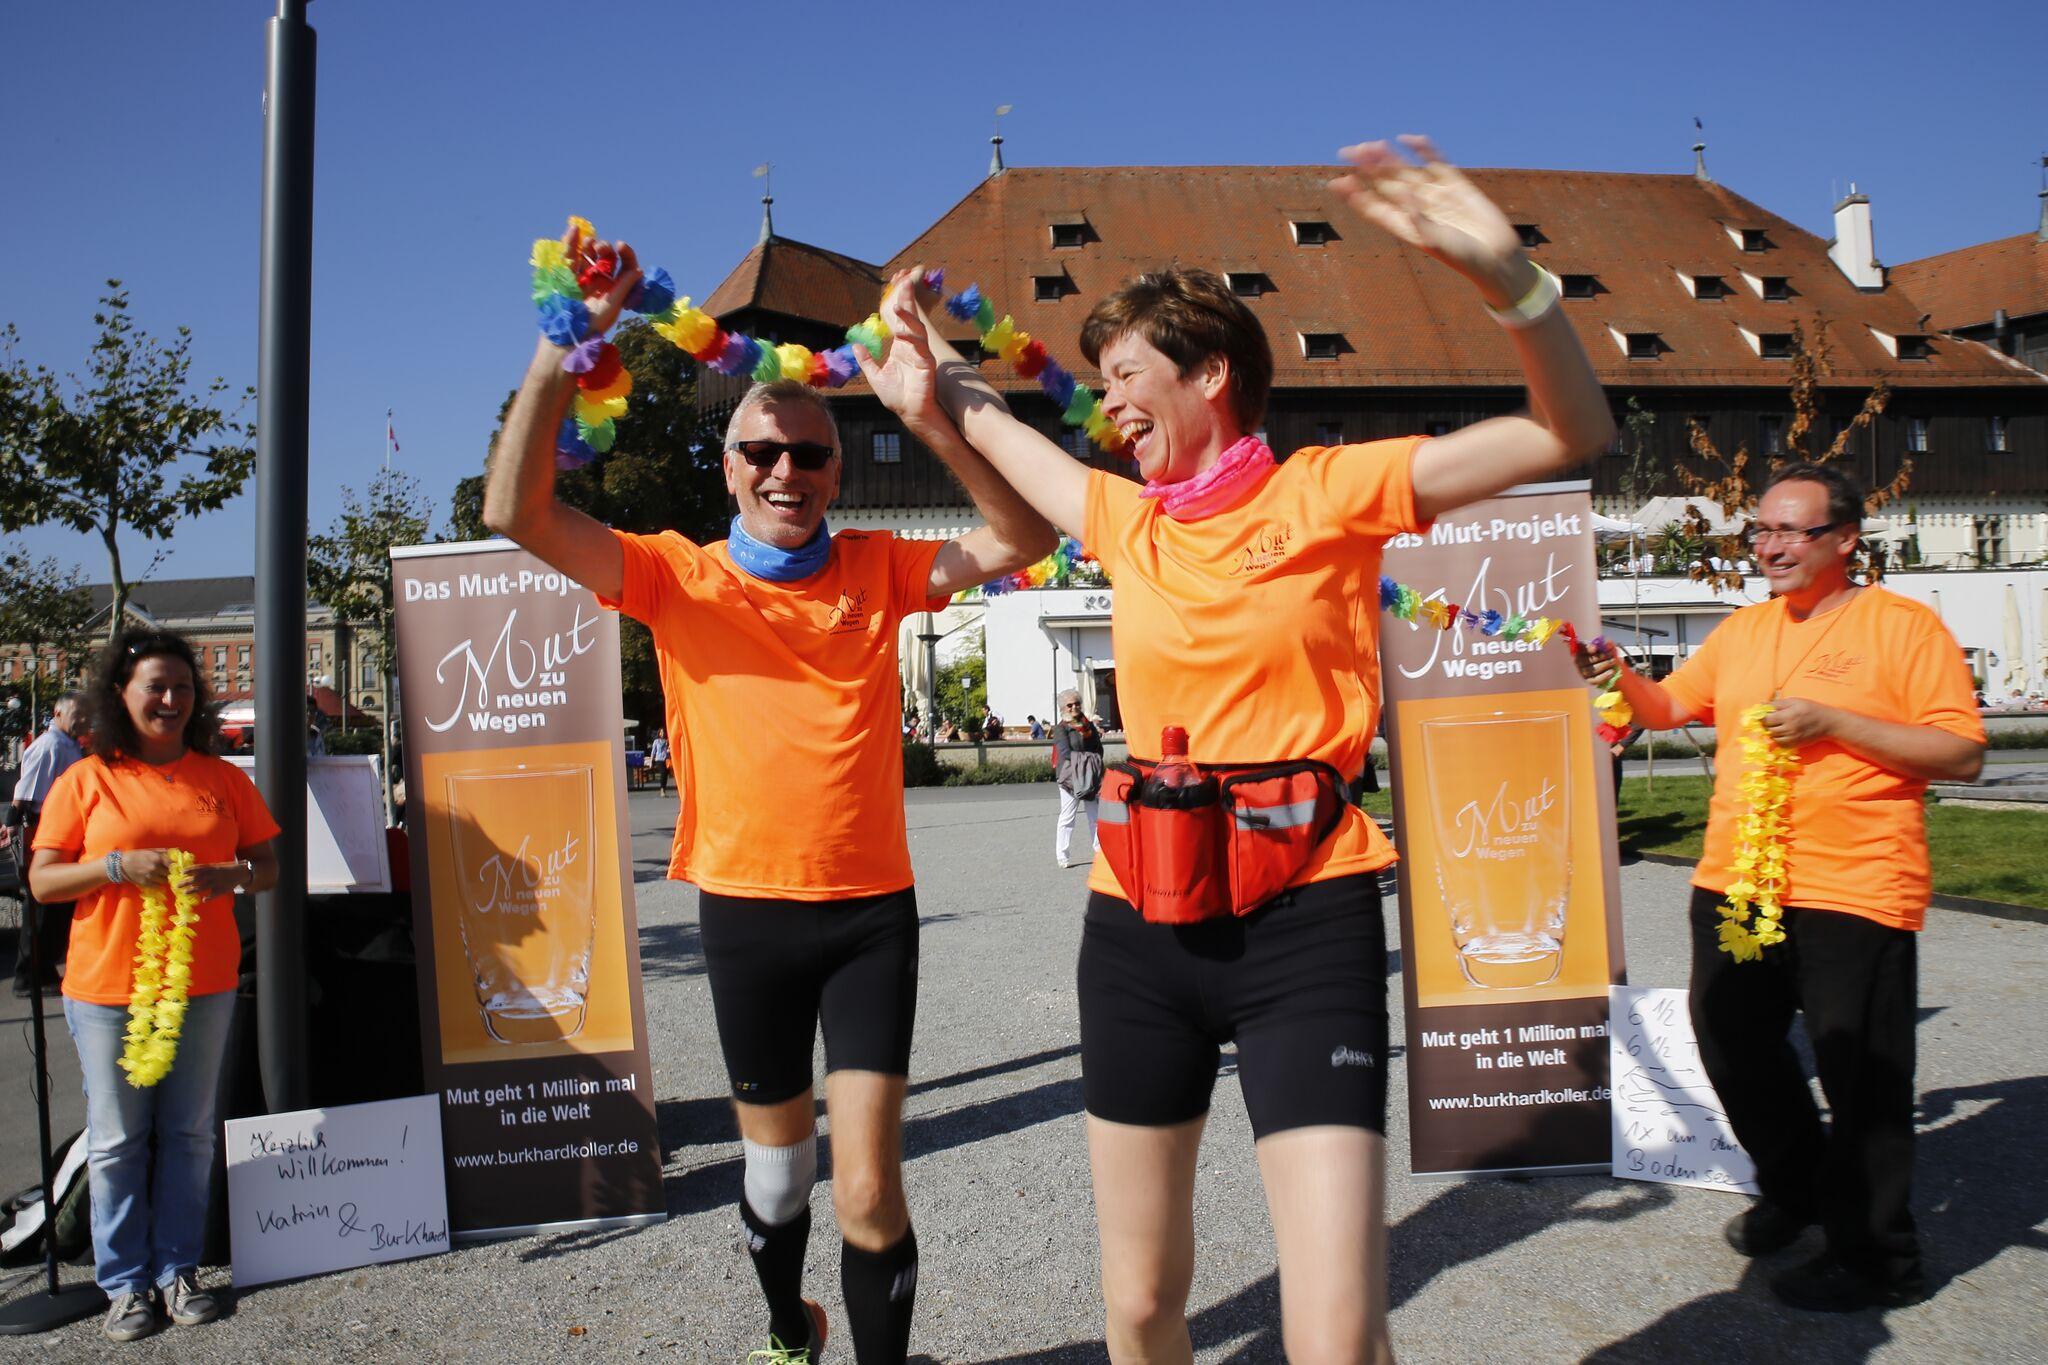 Katrin Stigge & Burkhard Koller